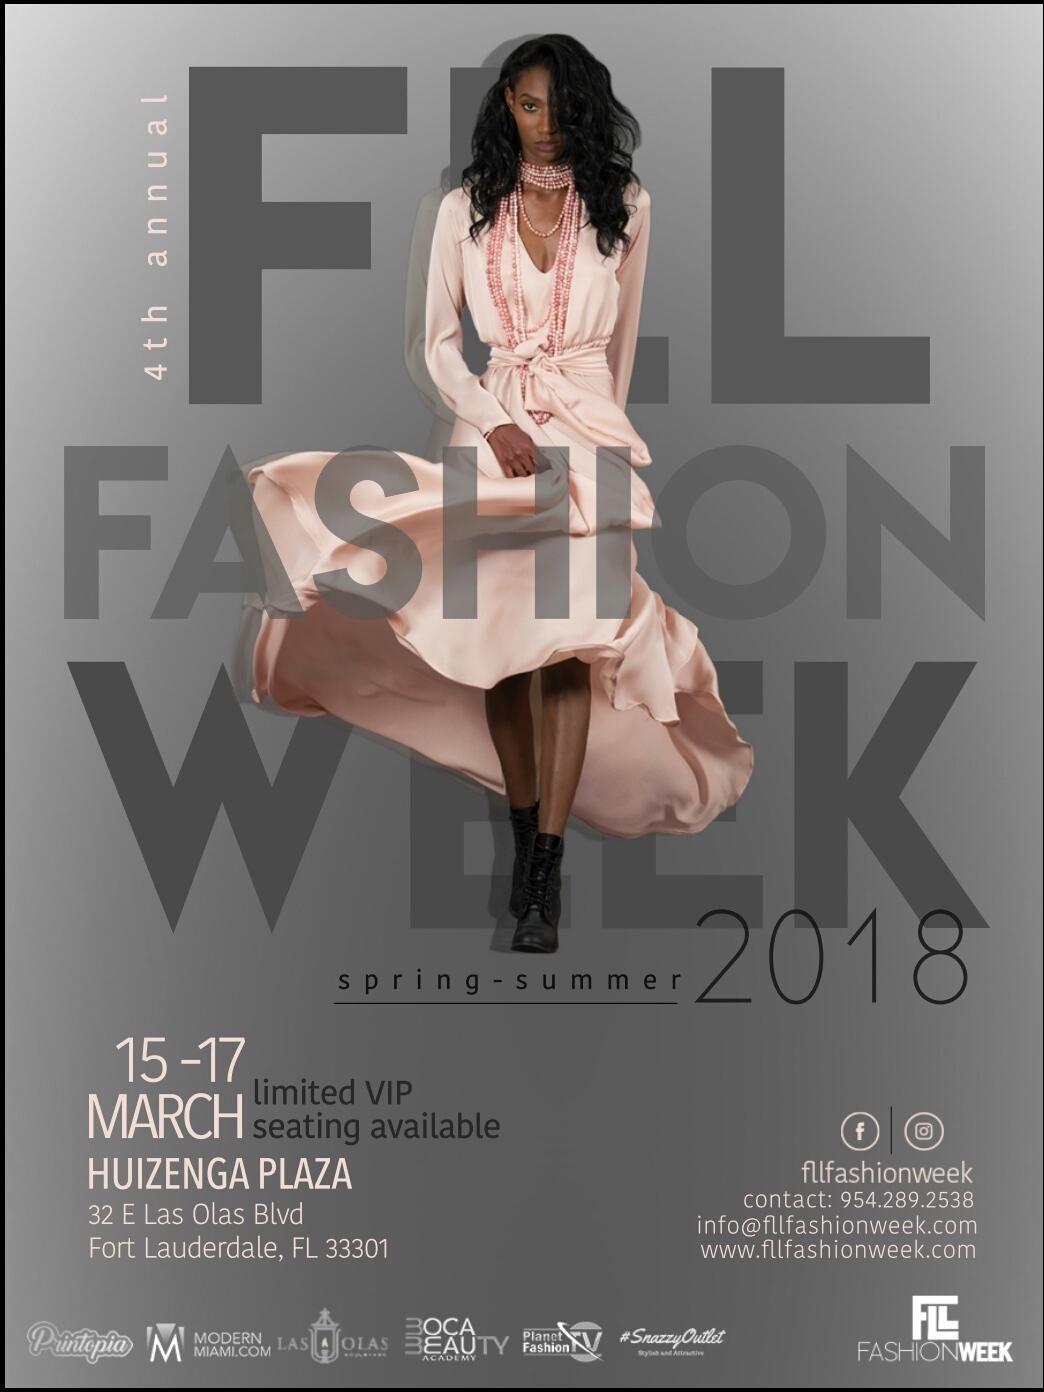 Fll Fashion Week March 15 17 2018 Tickets Thu Mar 15